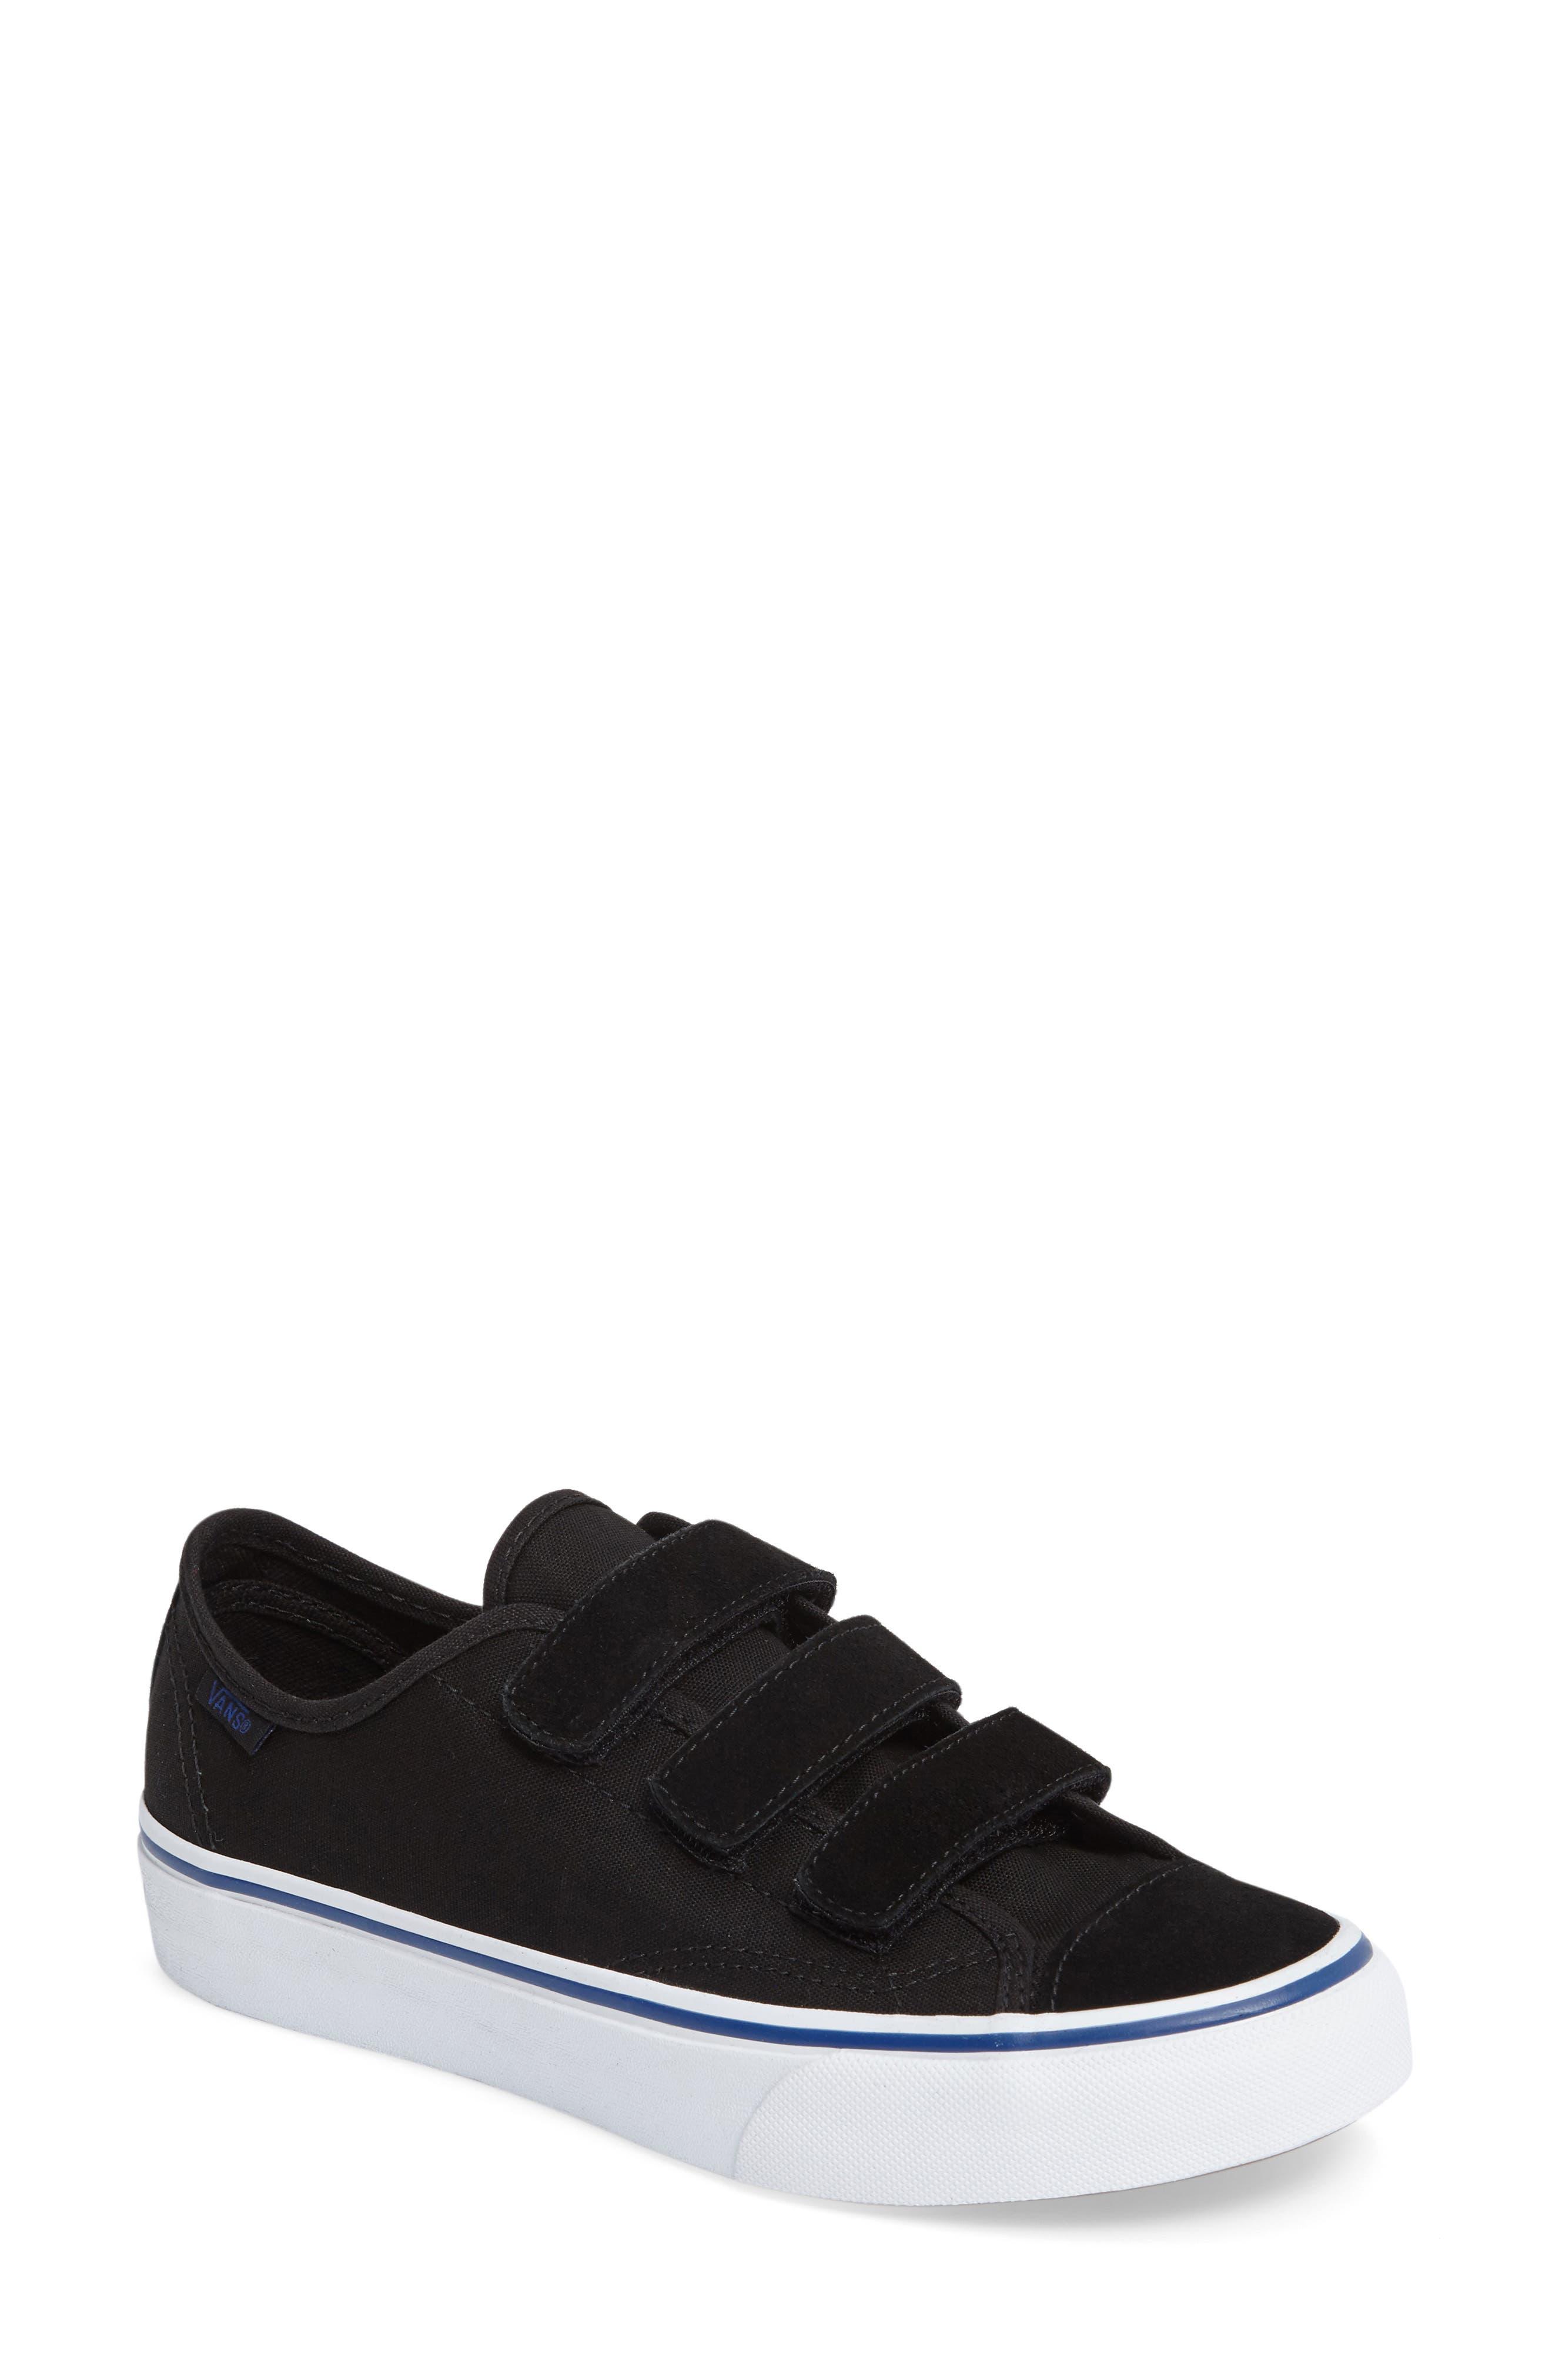 Vans Low Top Sneaker (Women)